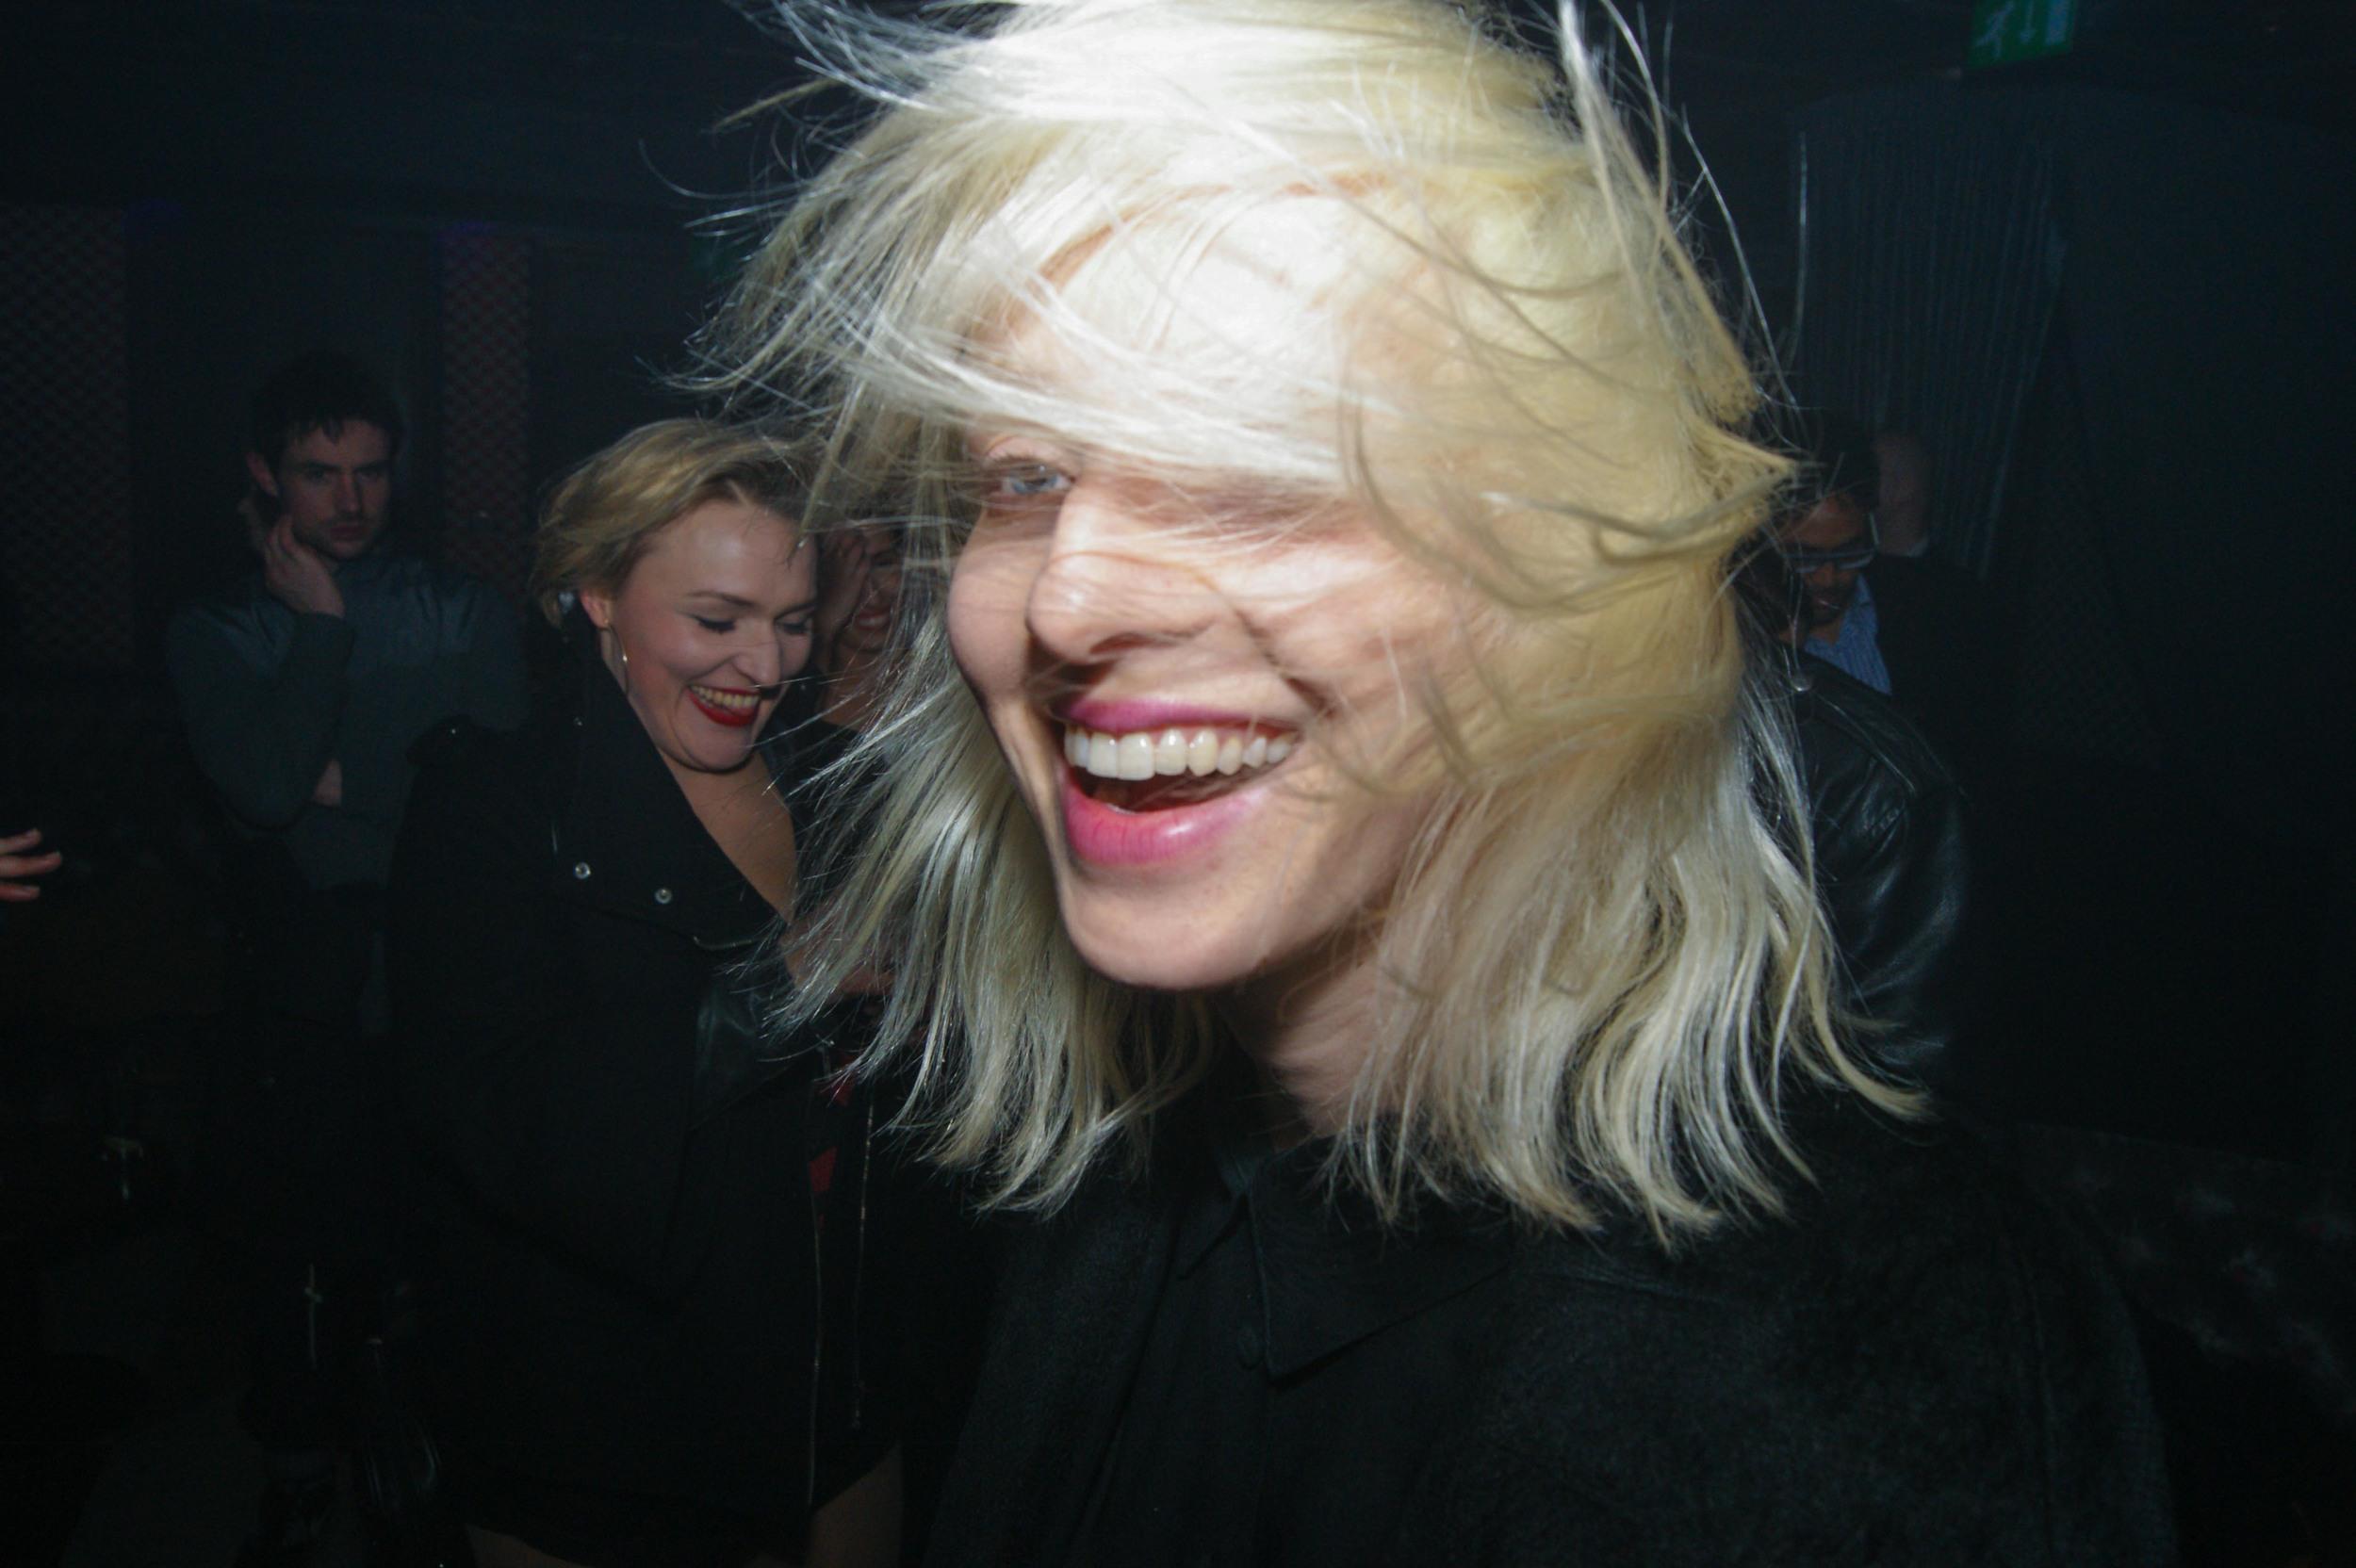 Bleach Blonde Hair, Big Smile